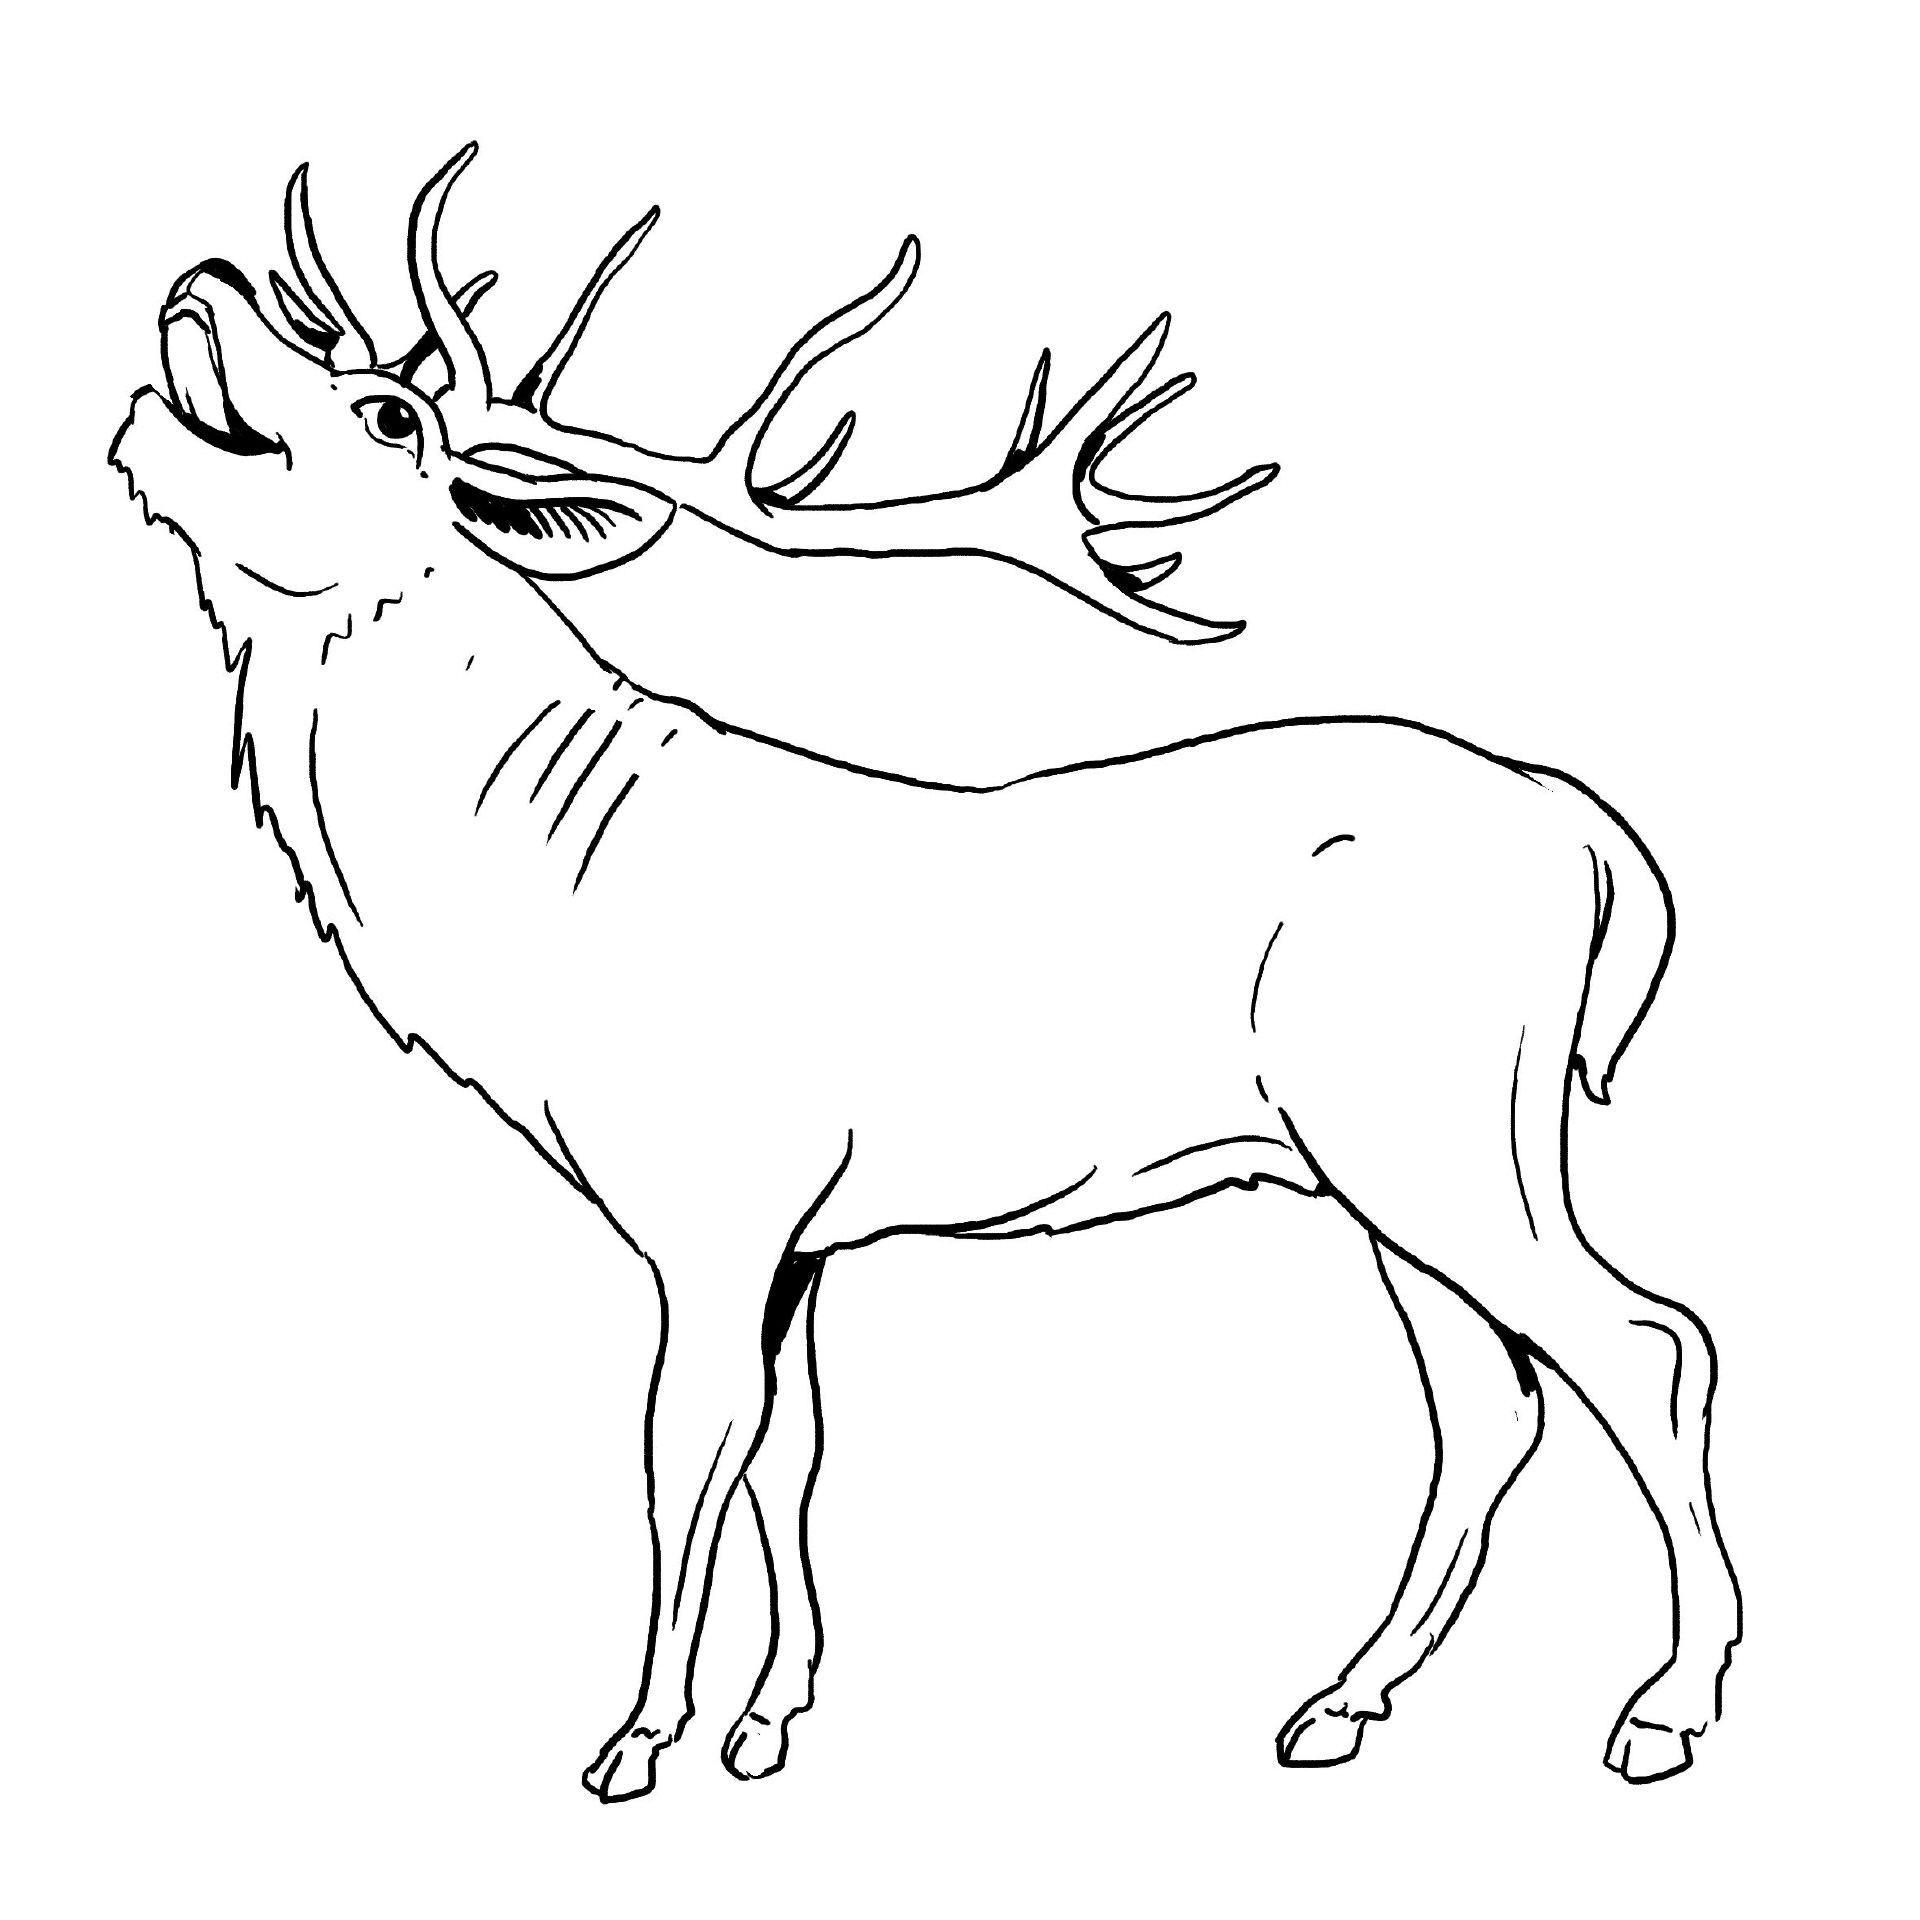 Elch Malvorlagen Kostenlos  Ausmalbilder tiere, Malvorlagen